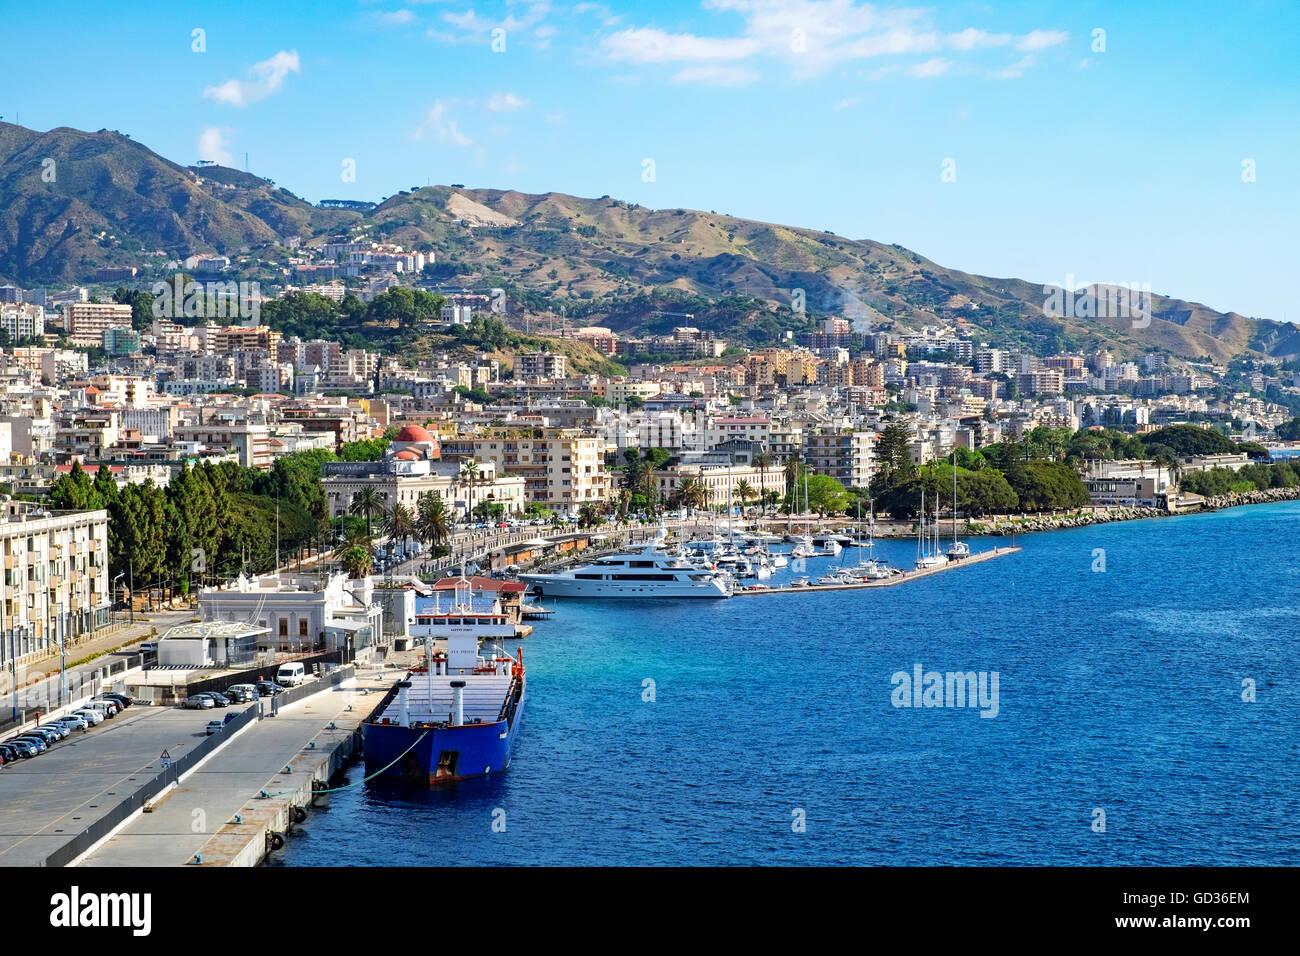 Il porto di Messina, Sicilia, Italia Immagini Stock